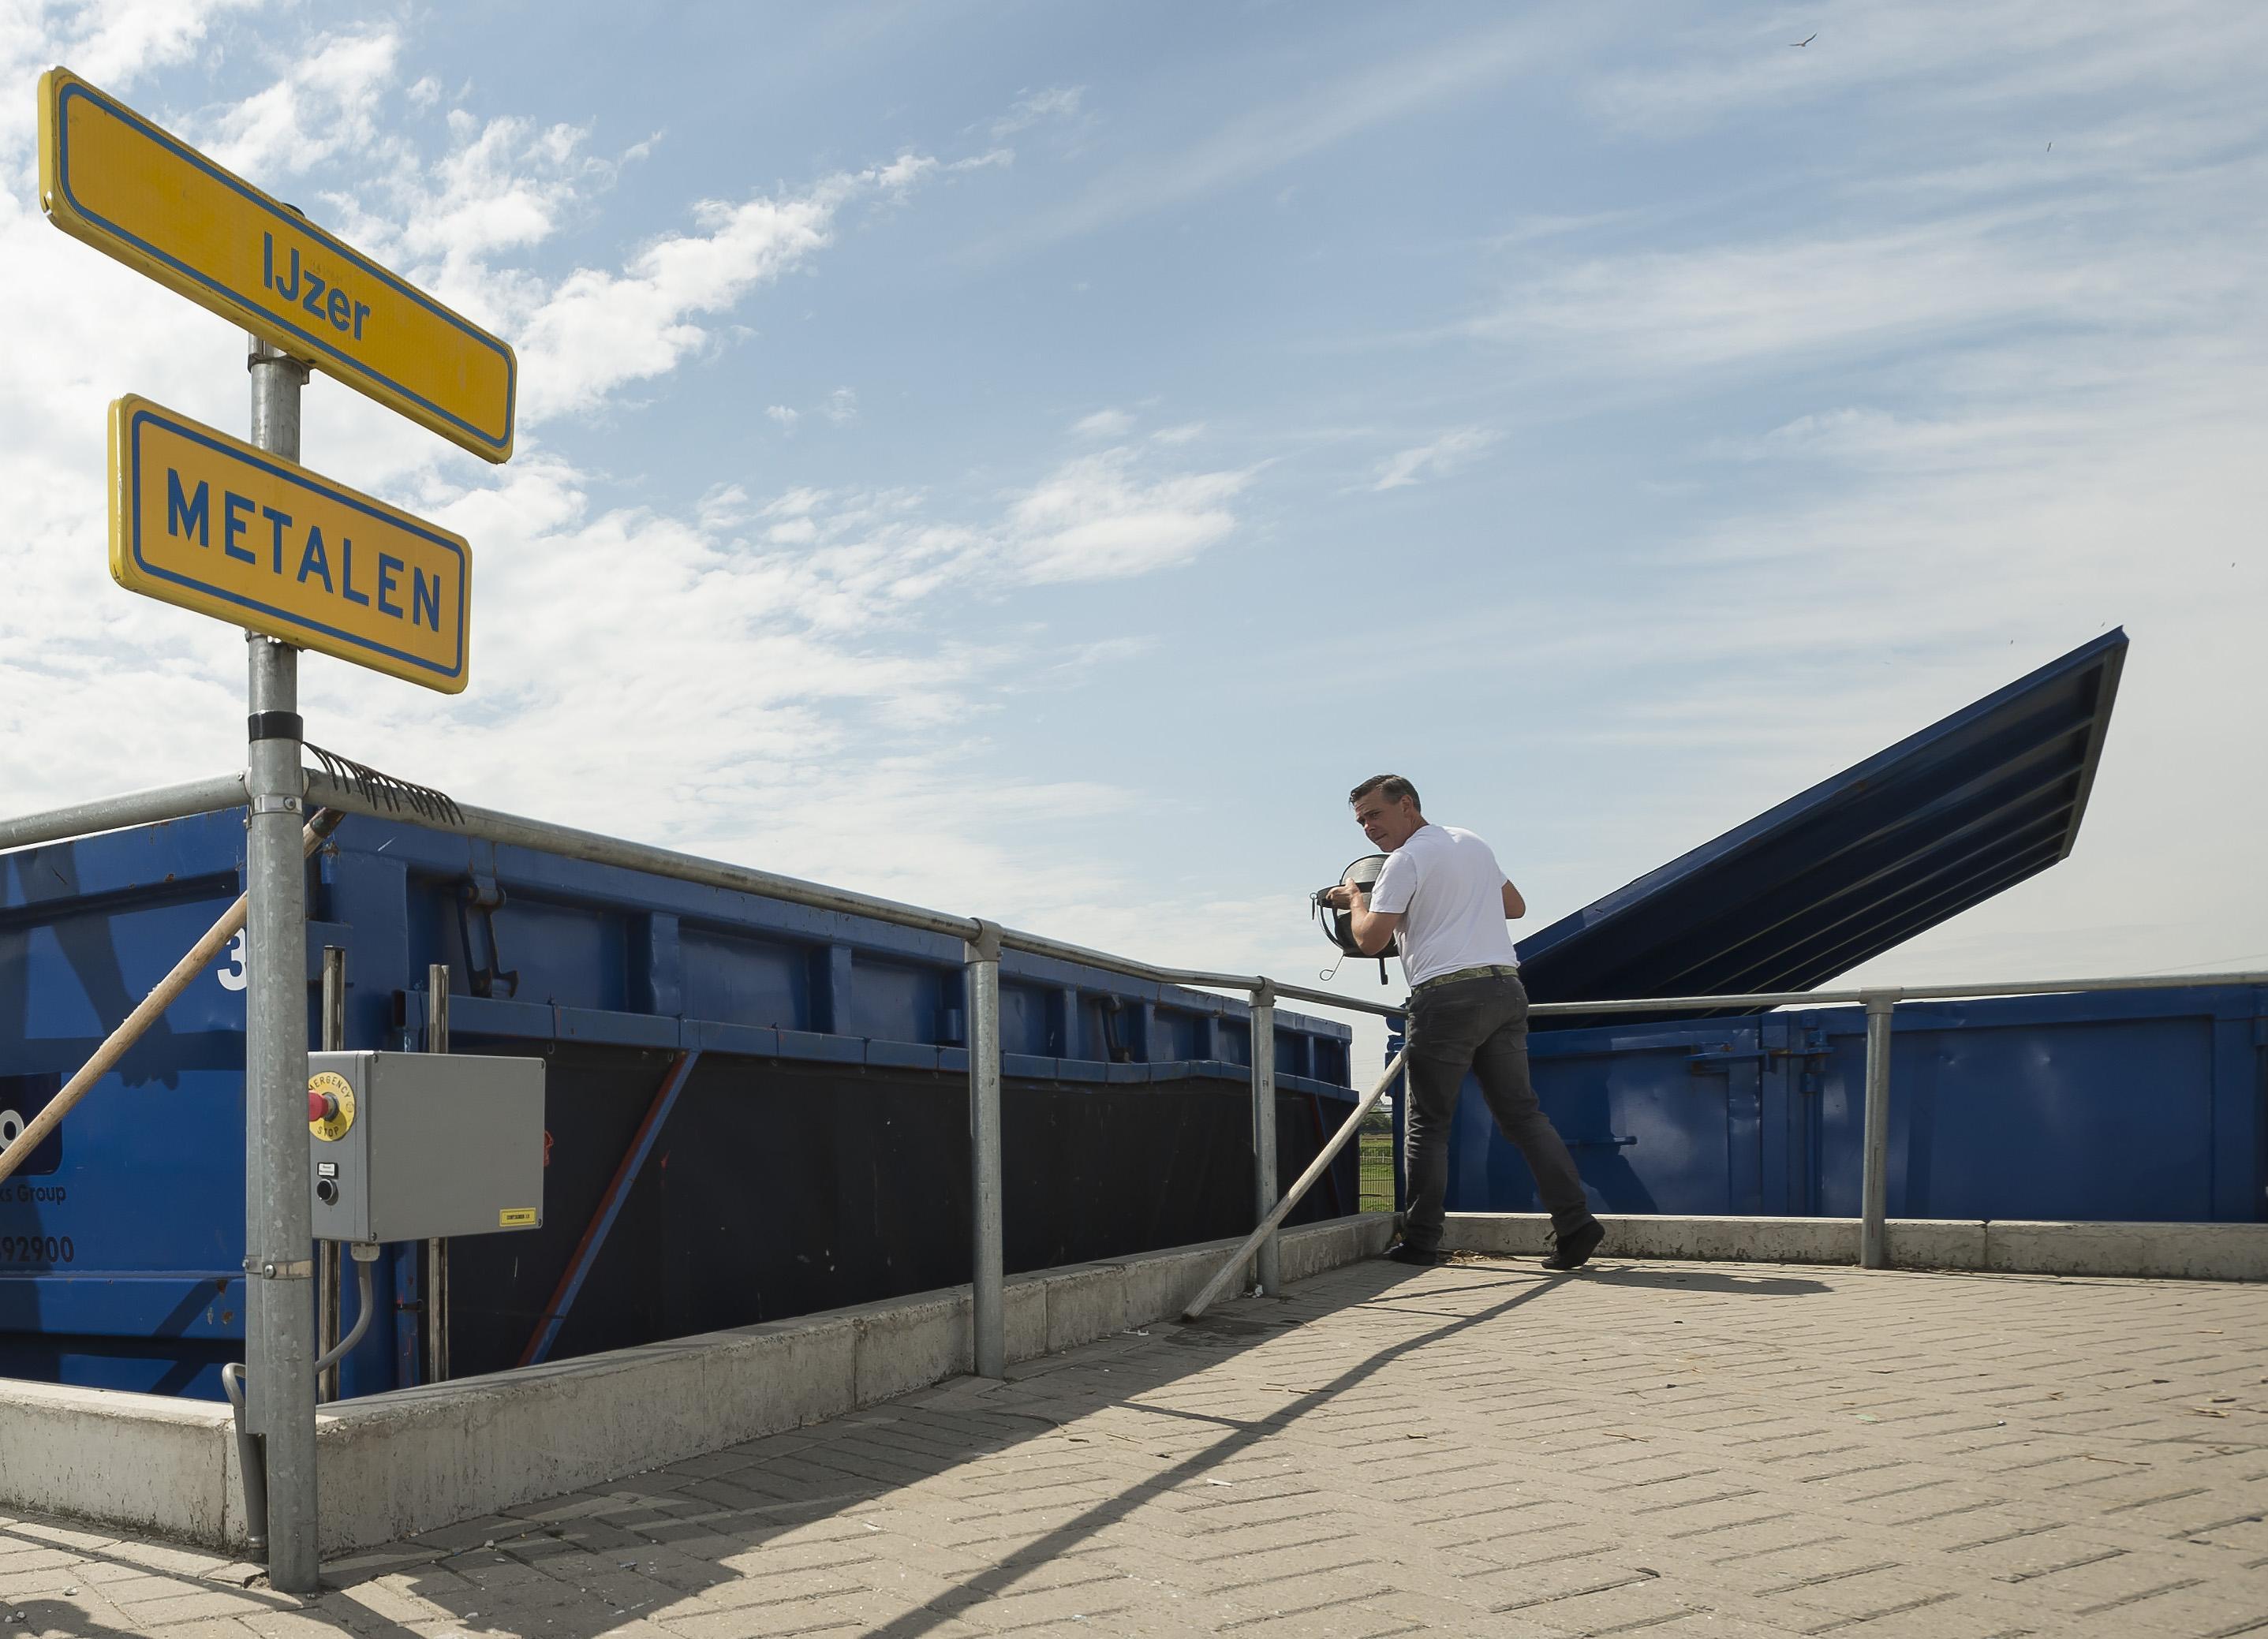 Ophalen van grof vuil aan huis in Alphen aan den Rijn niet meer gratis in 2021